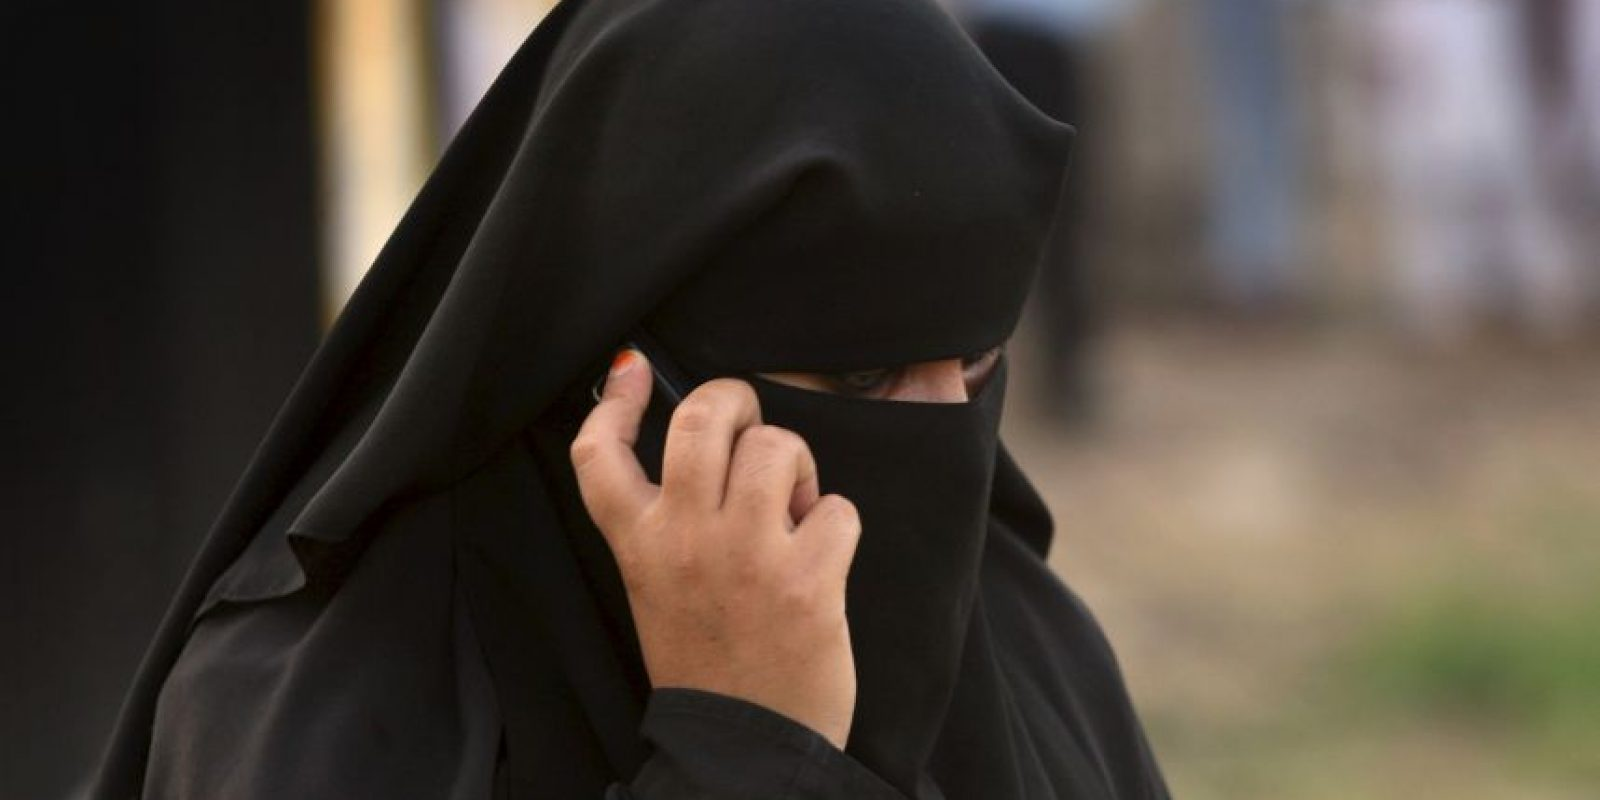 información: Comisión de Derechos Humanos de Pakistán Foto:Getty Images